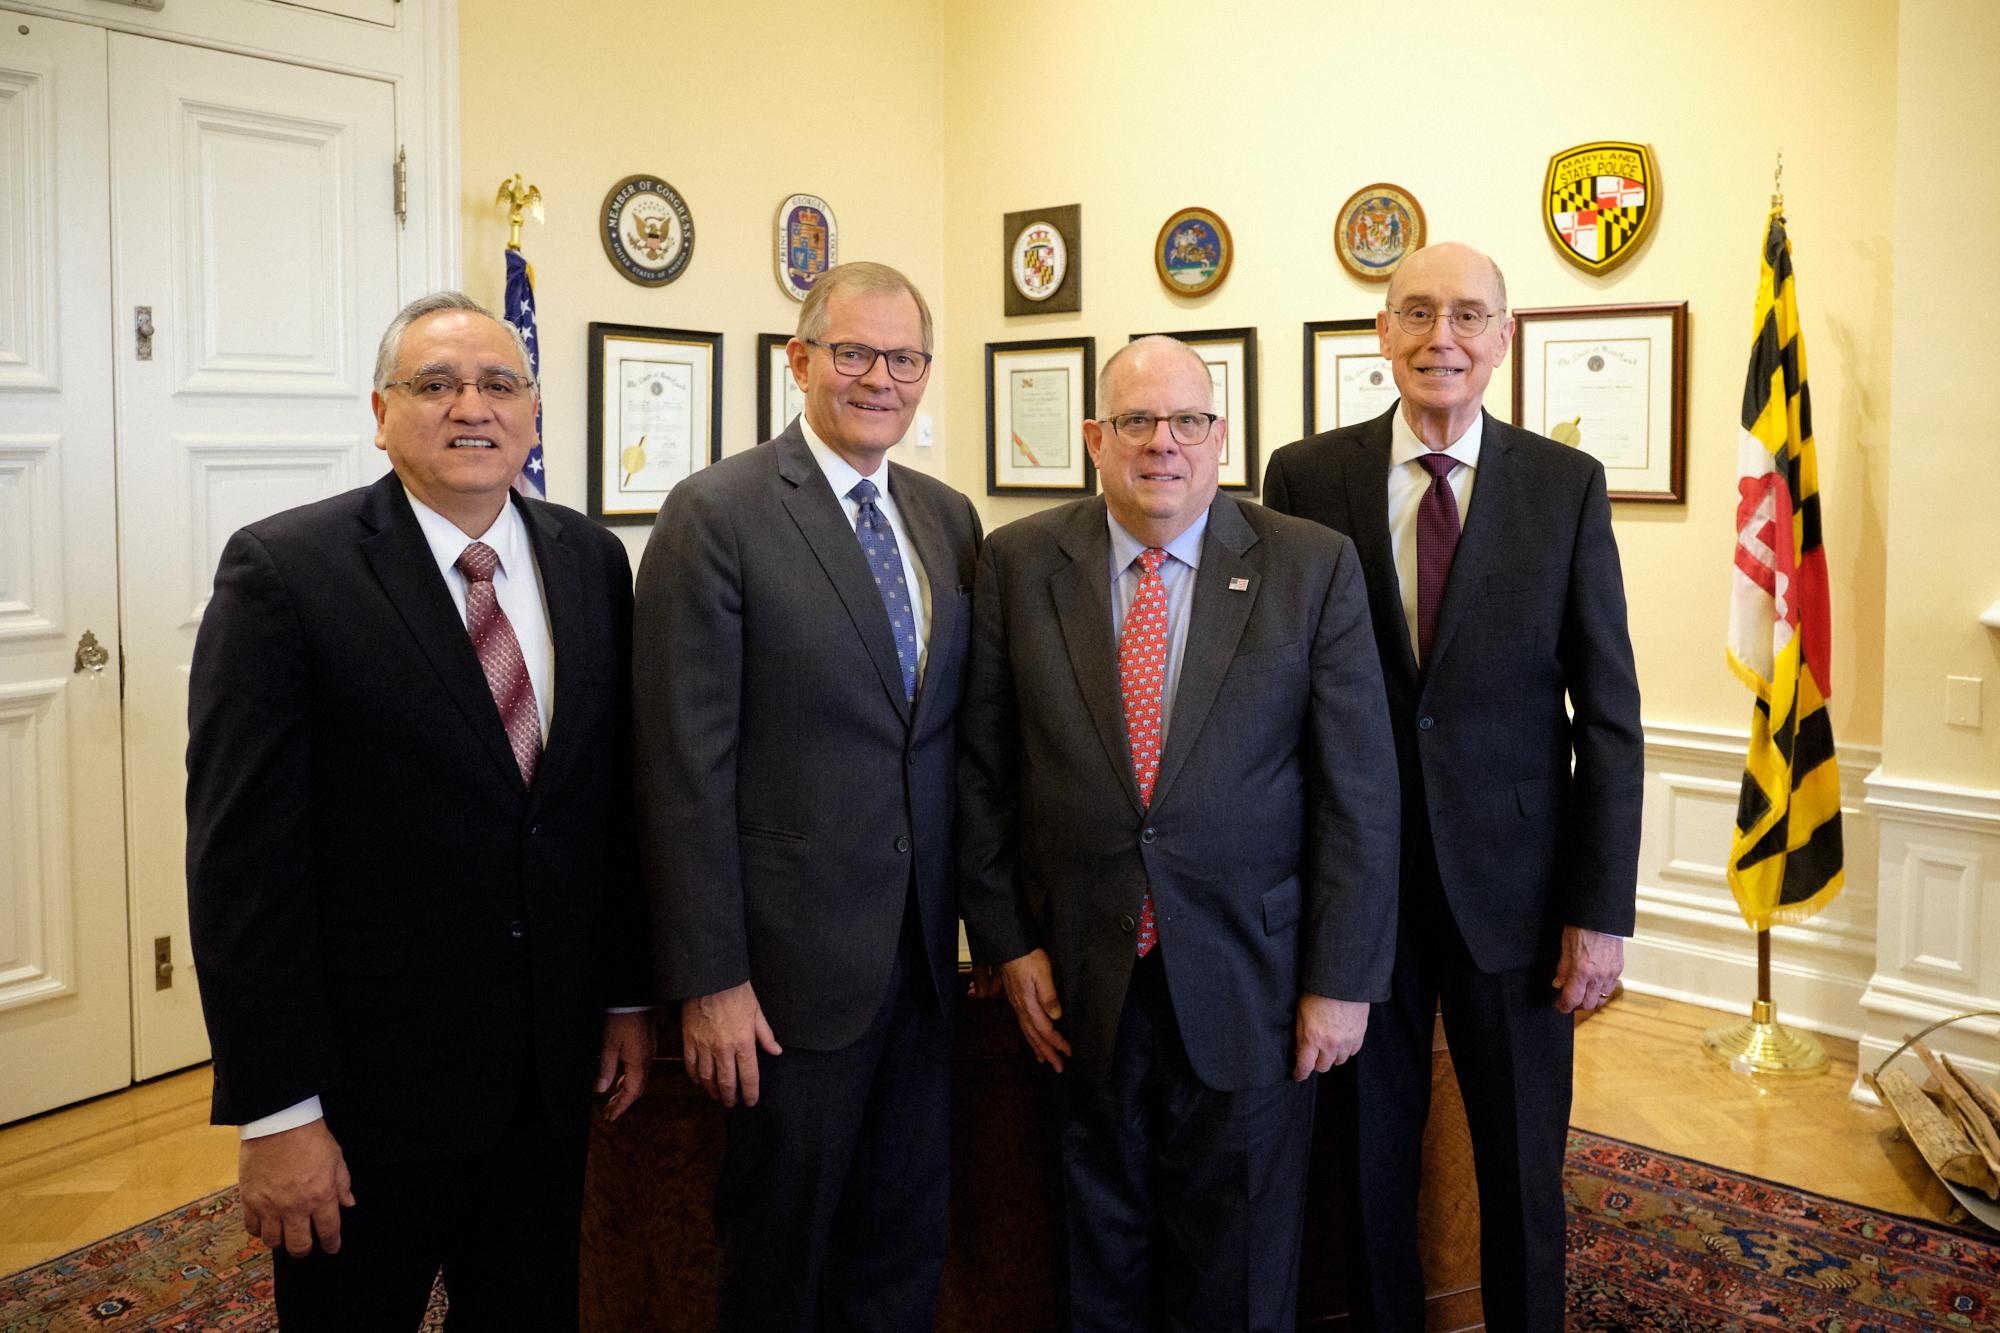 From left, Elder Hugo Montoya, Elder Gary E. Stevenson, Maryland Governor Larry Hogan and President Henry B. Eyring at the Maryland State House on Nov. 15, 2019.